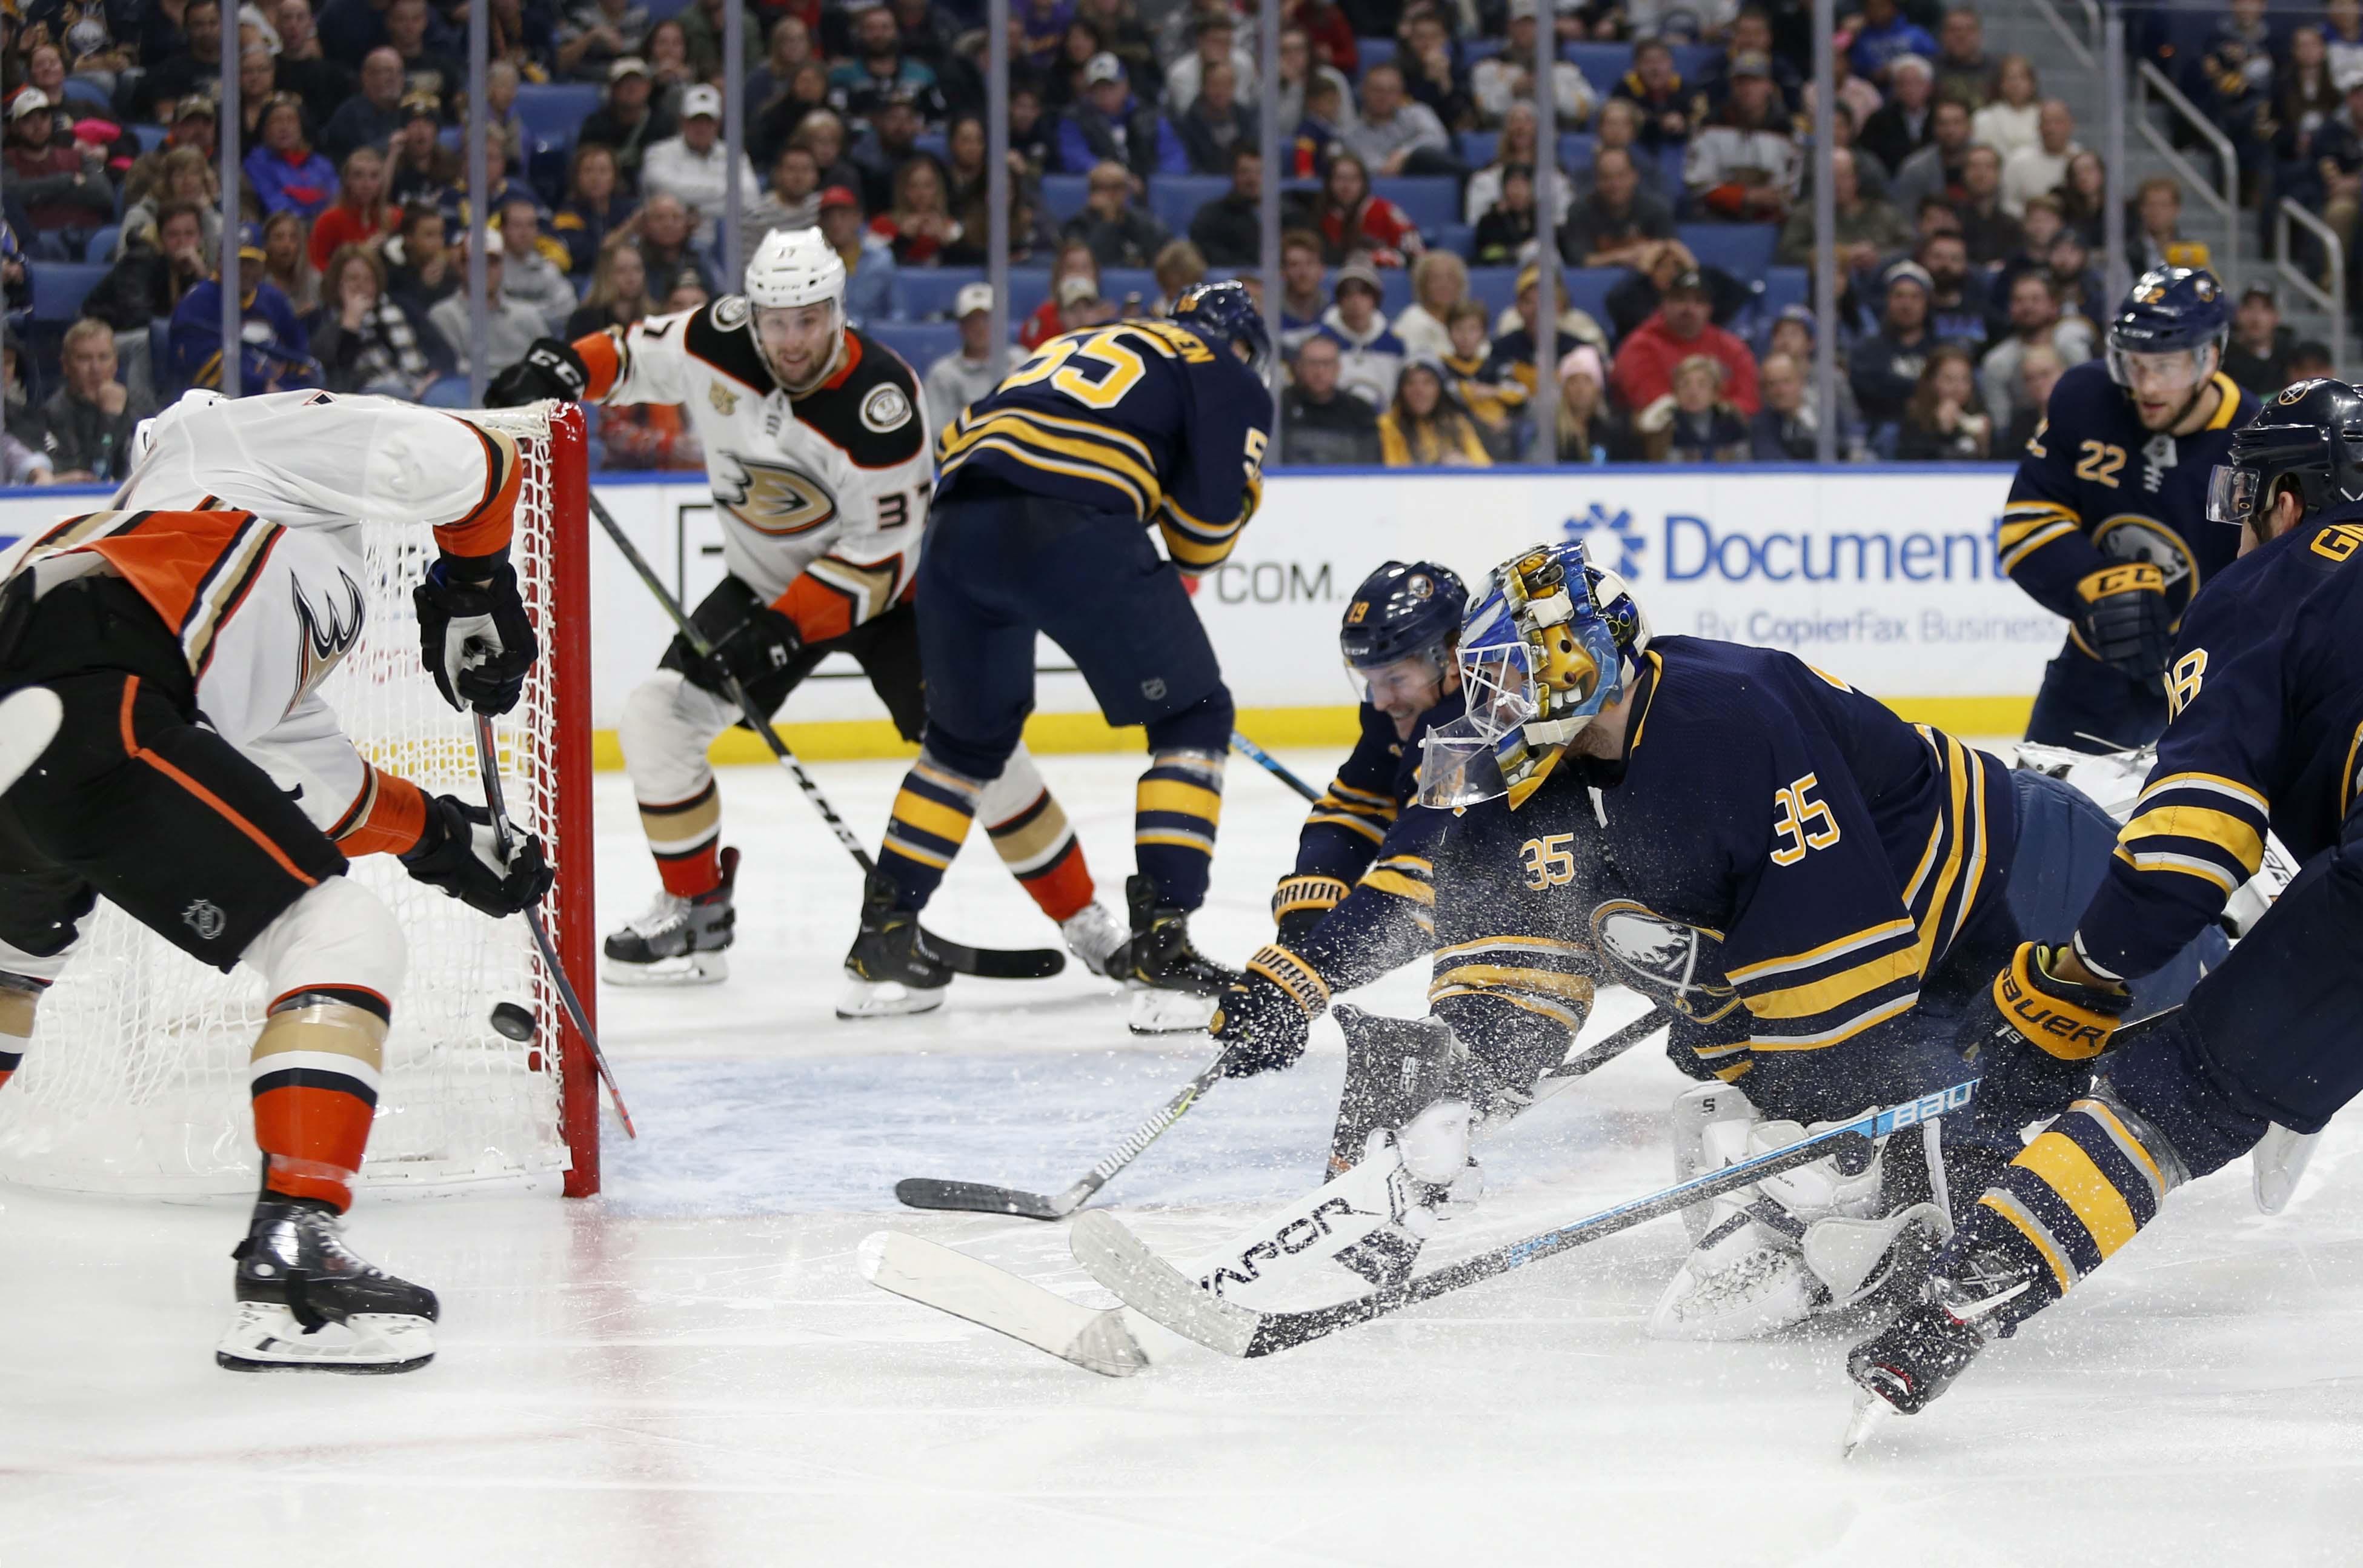 NHL: Anaheim Ducks at Buffalo Sabres